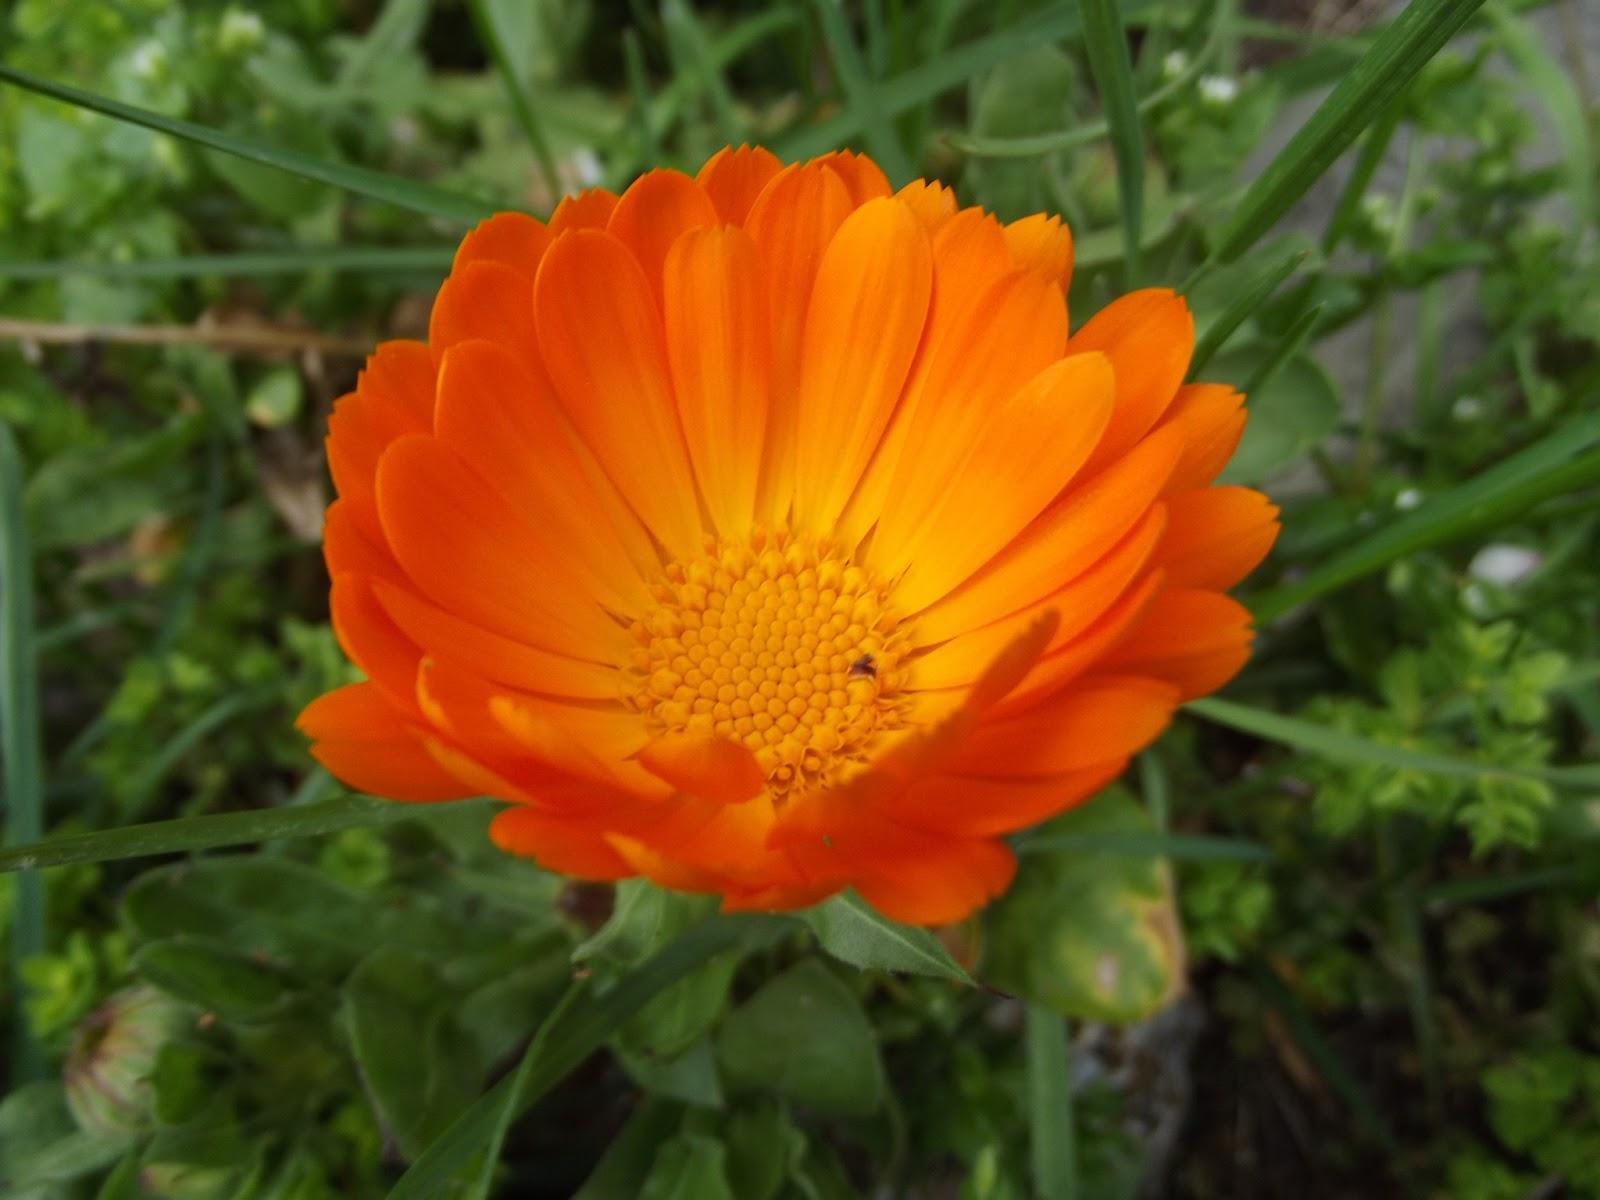 Fotos de flores Florpedia com